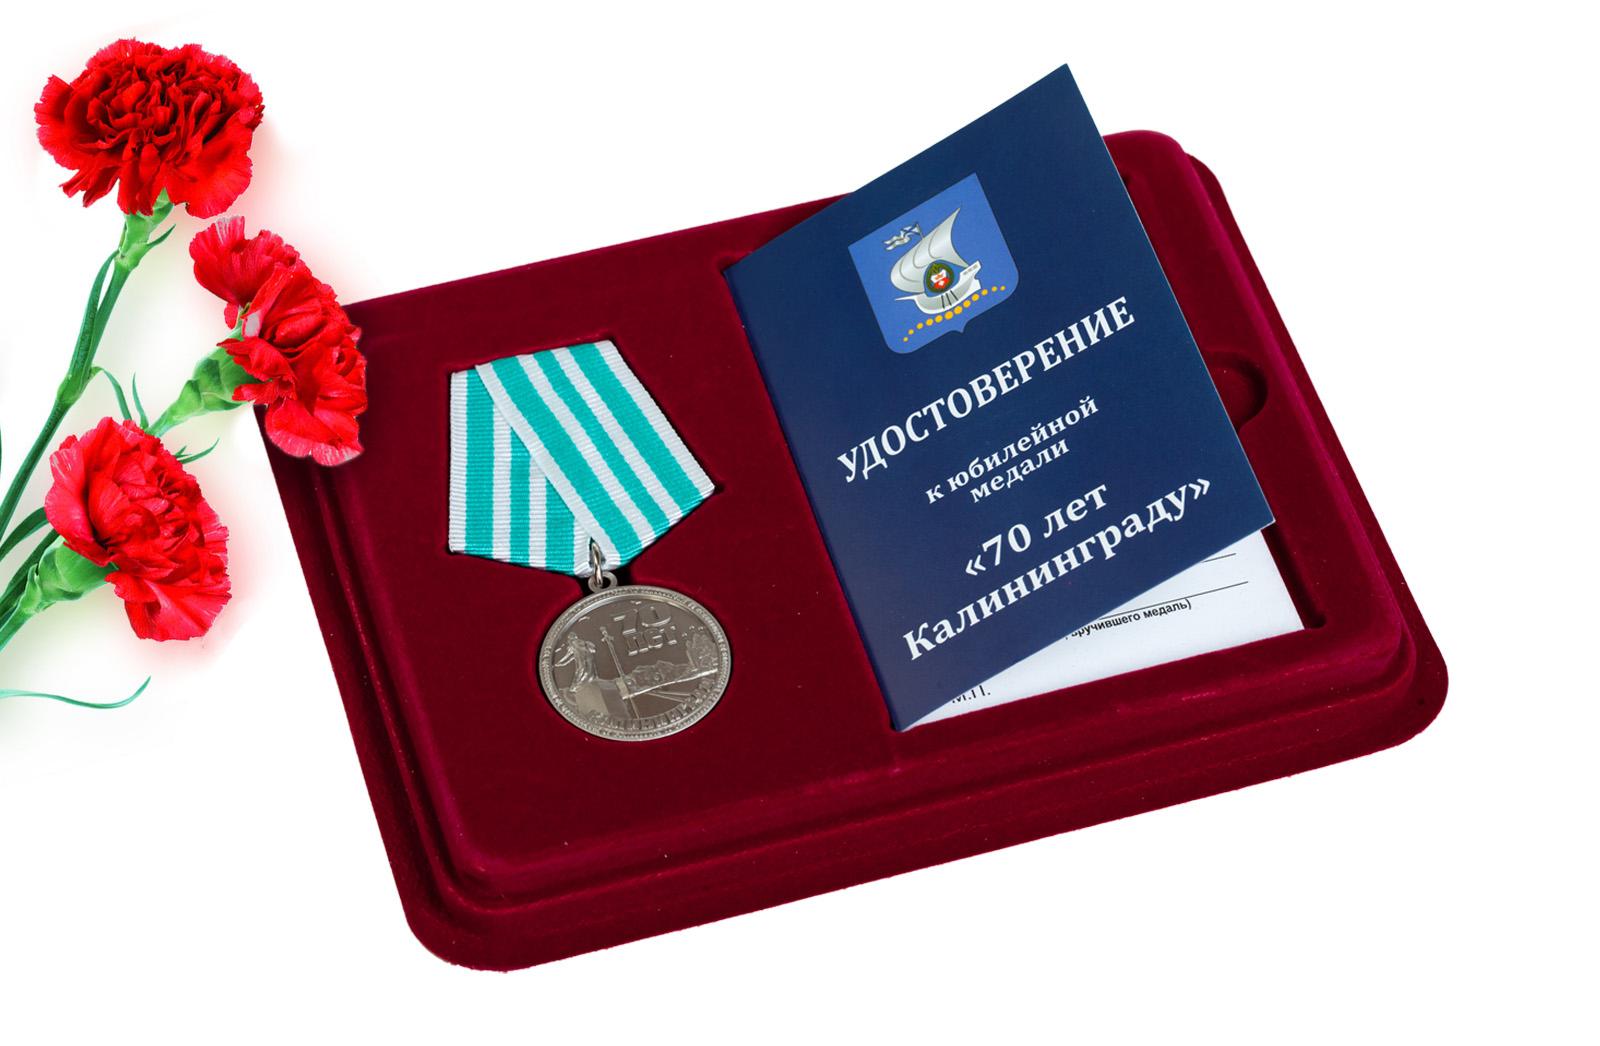 Купить памятную медаль 70 лет Калининграду с доставкой в любой город